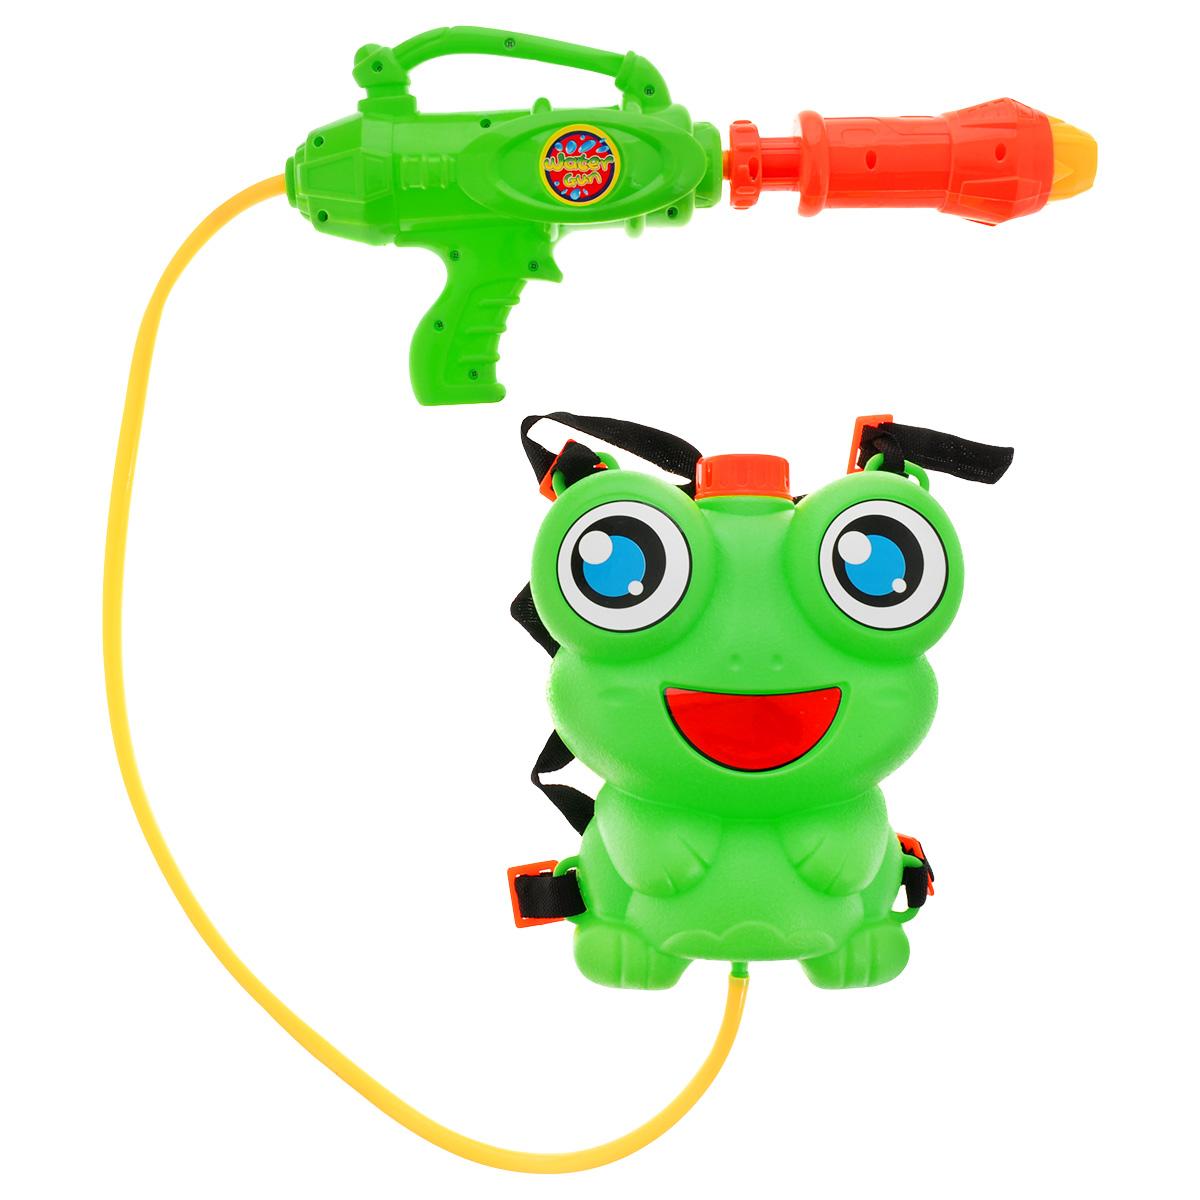 Bebelot Водный автомат Водомет, с ранцем-лягушонкомBEB1106-022Bebelot Водный автомат Водомет с ранцем-лягушонком станет отличным развлечением для детей в жаркую летнюю погоду. Изделие выполнено из прочного качественного пластика ярких цветов и оснащено резервуаром для воды. Контейнер для воды, изготовленный в виде забавной лягушки, можно носить как ранец. Автомат будет автоматически пополняться водой, что продлит время игры. Игры с водой подарят много радости и удовольствия вашему ребенку!